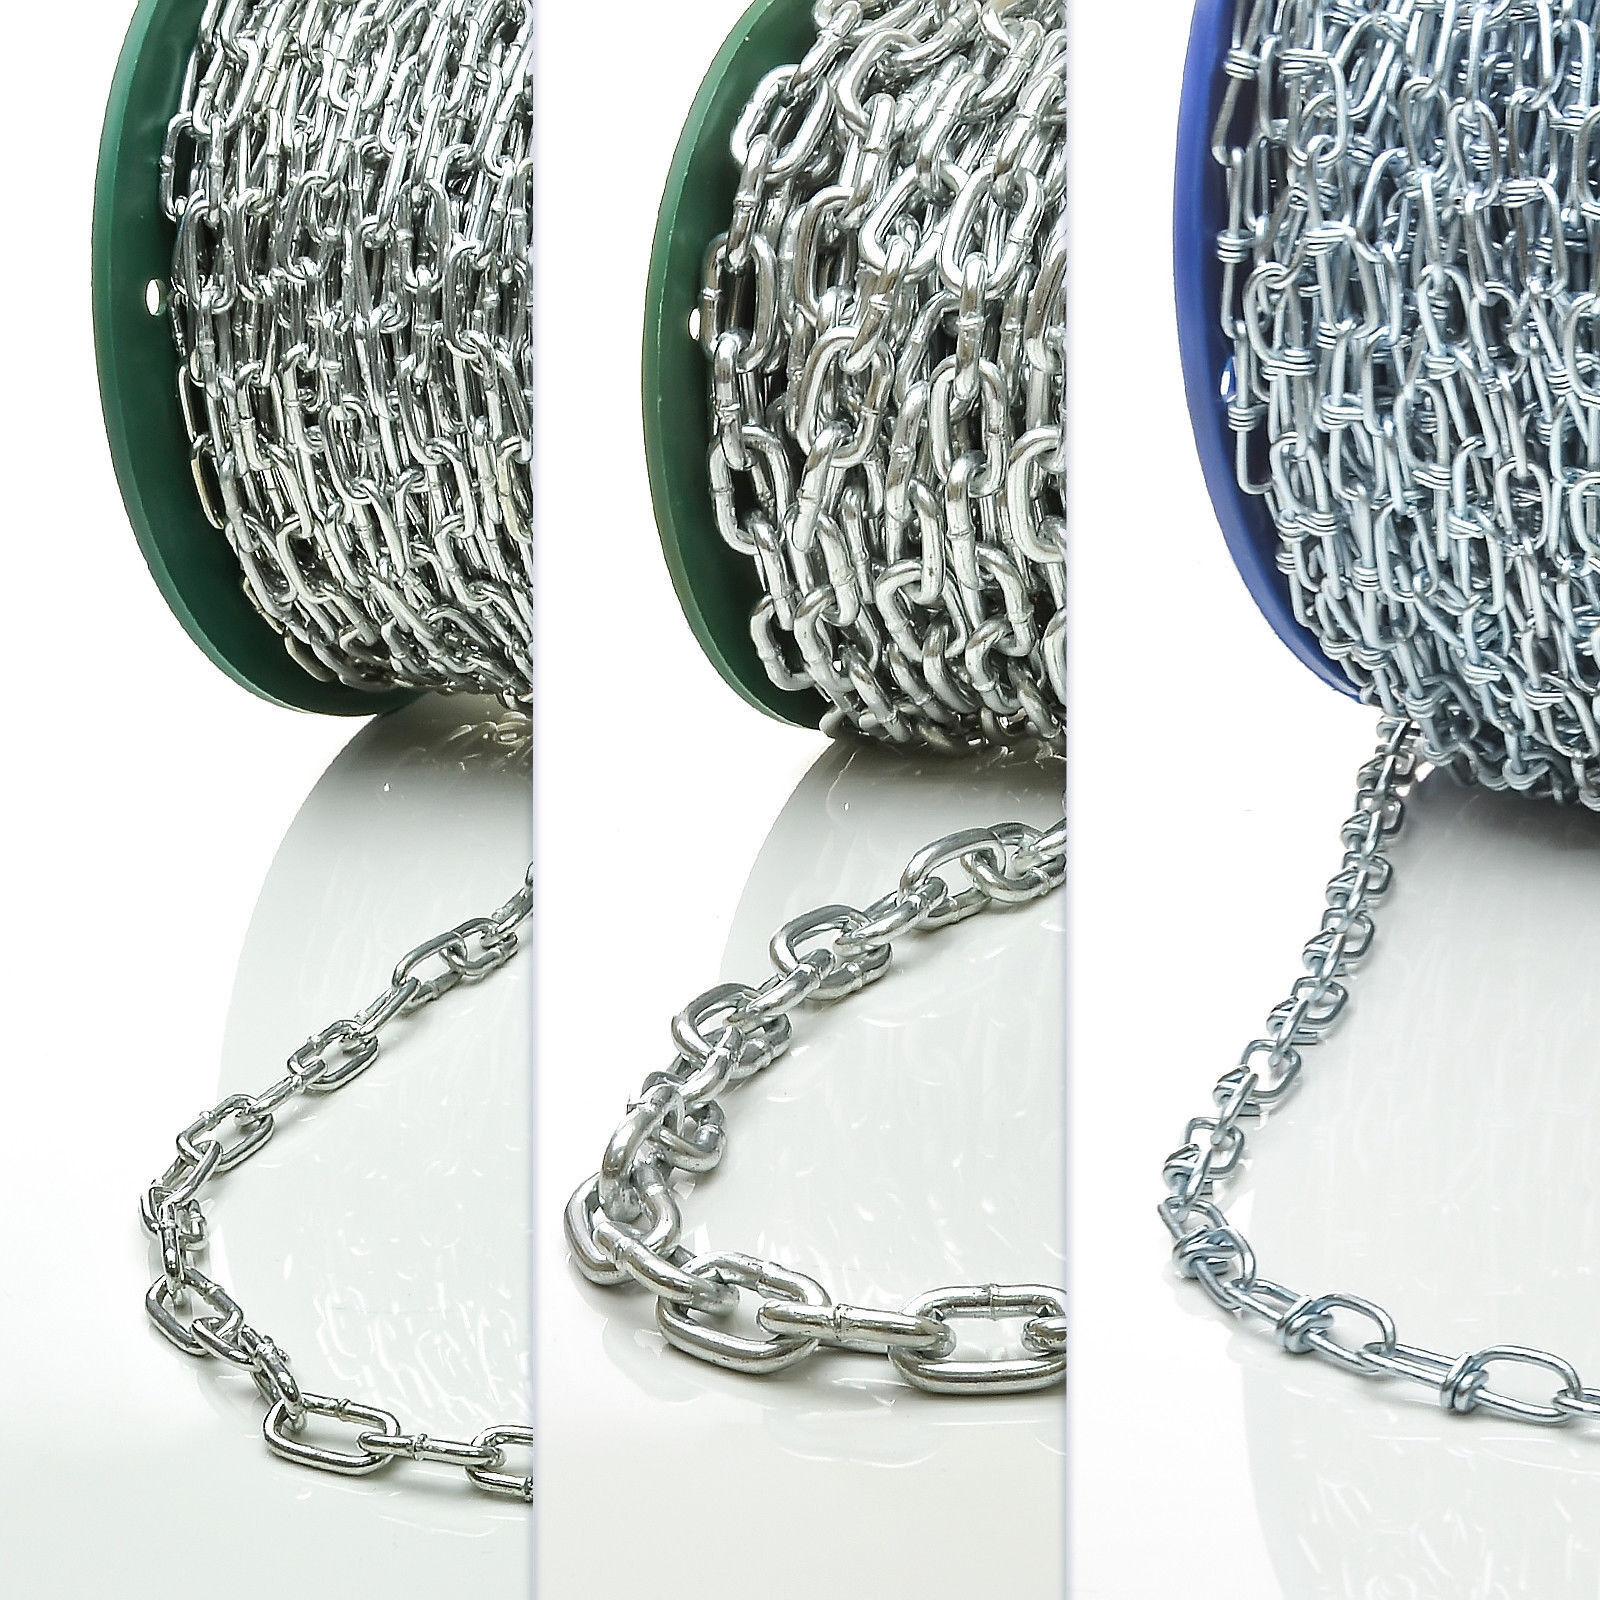 Stahlkette kurzgliedrig & langgliedrig verzinkt Knotenkette Eisenkette DIN Stahl Stahl Stahl 61b3bb